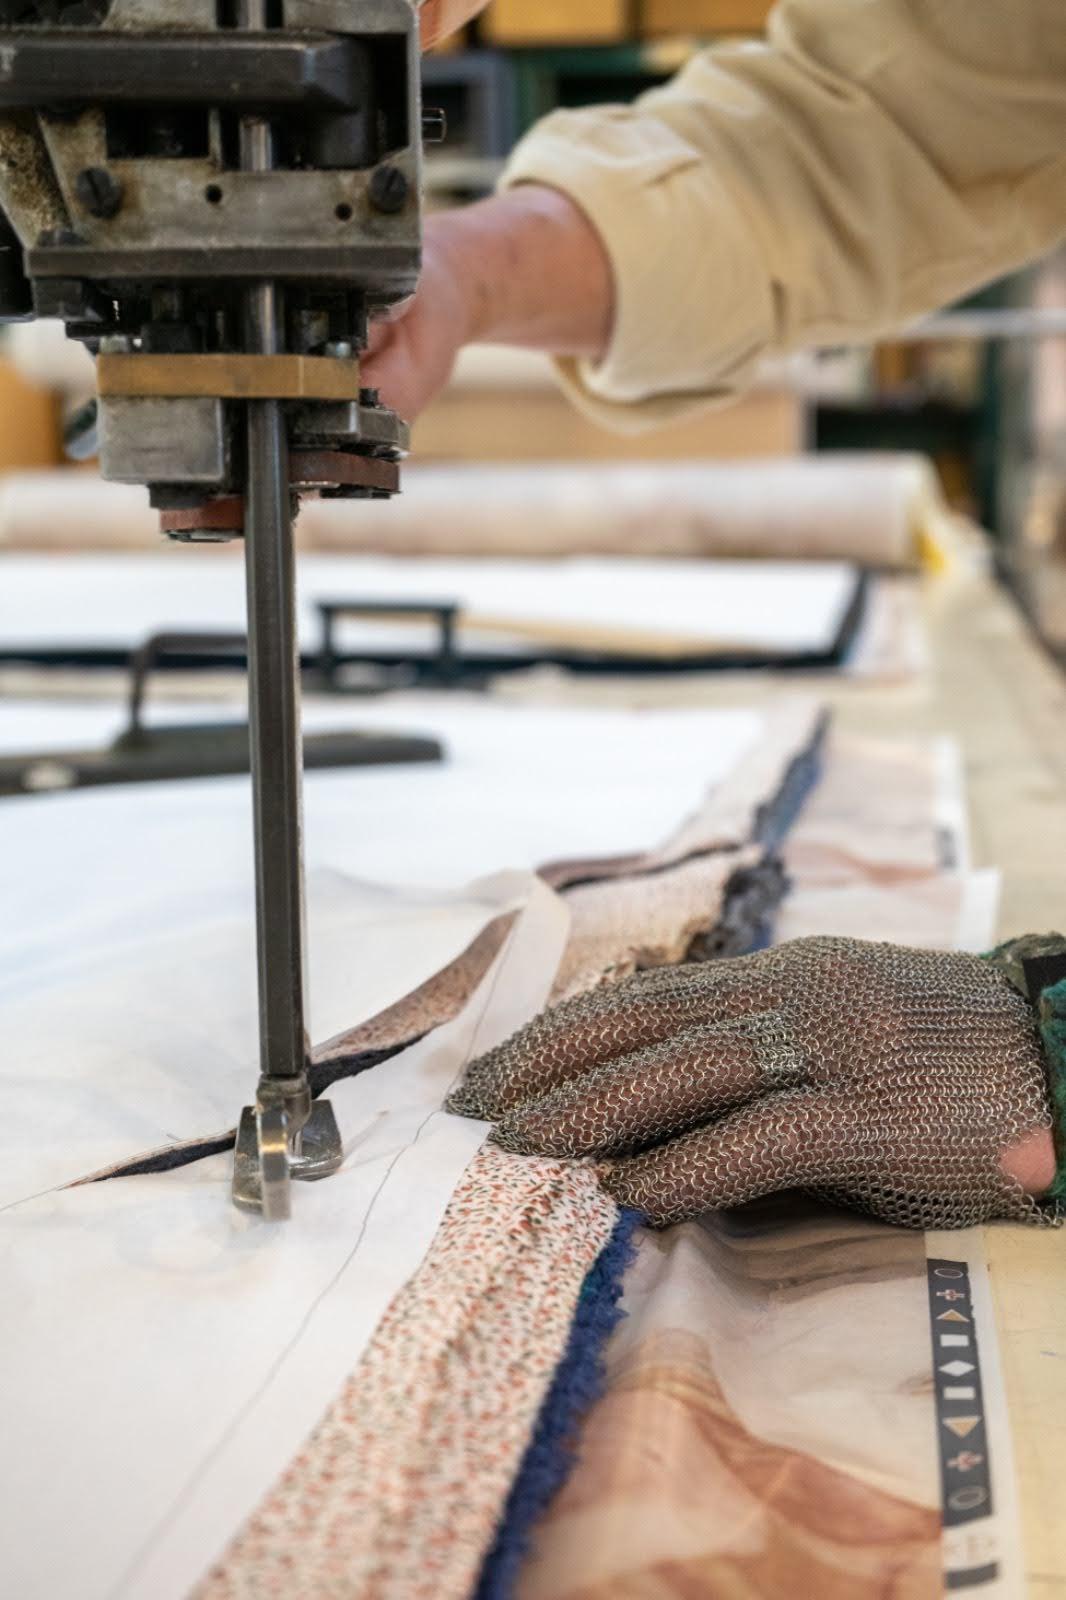 découpe des vêtements pour seniors forestime fabriqués en France